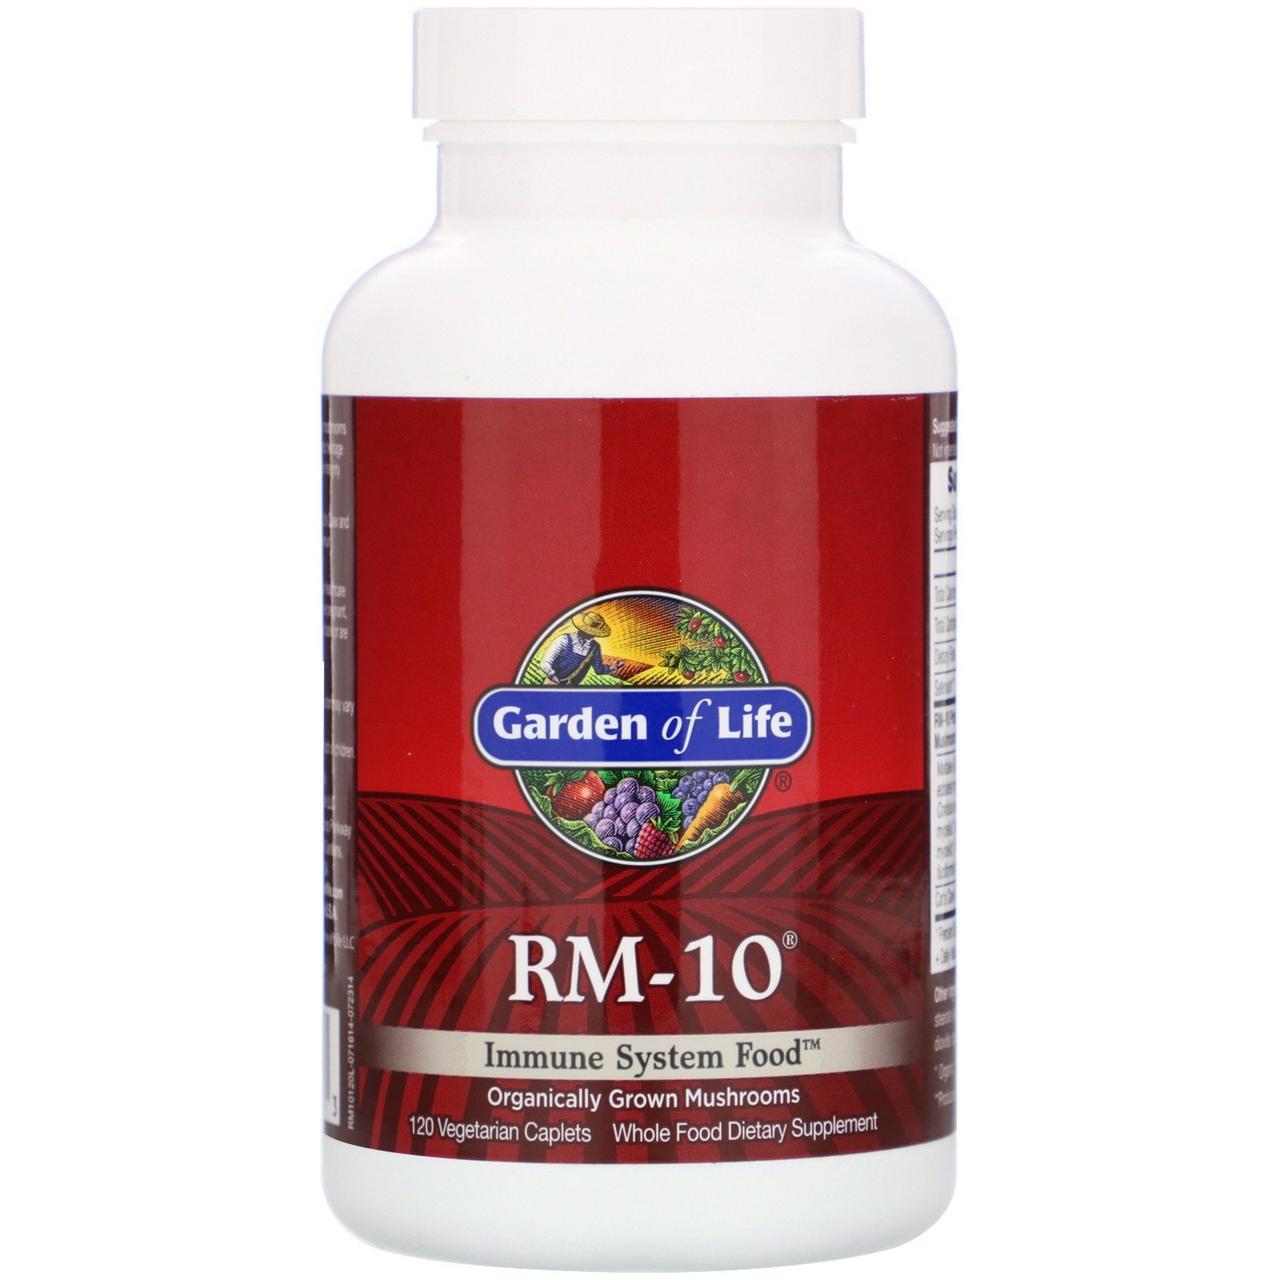 Garden of Life, RM-10, еда для иммунной системы, 120 капсул на растительной основе